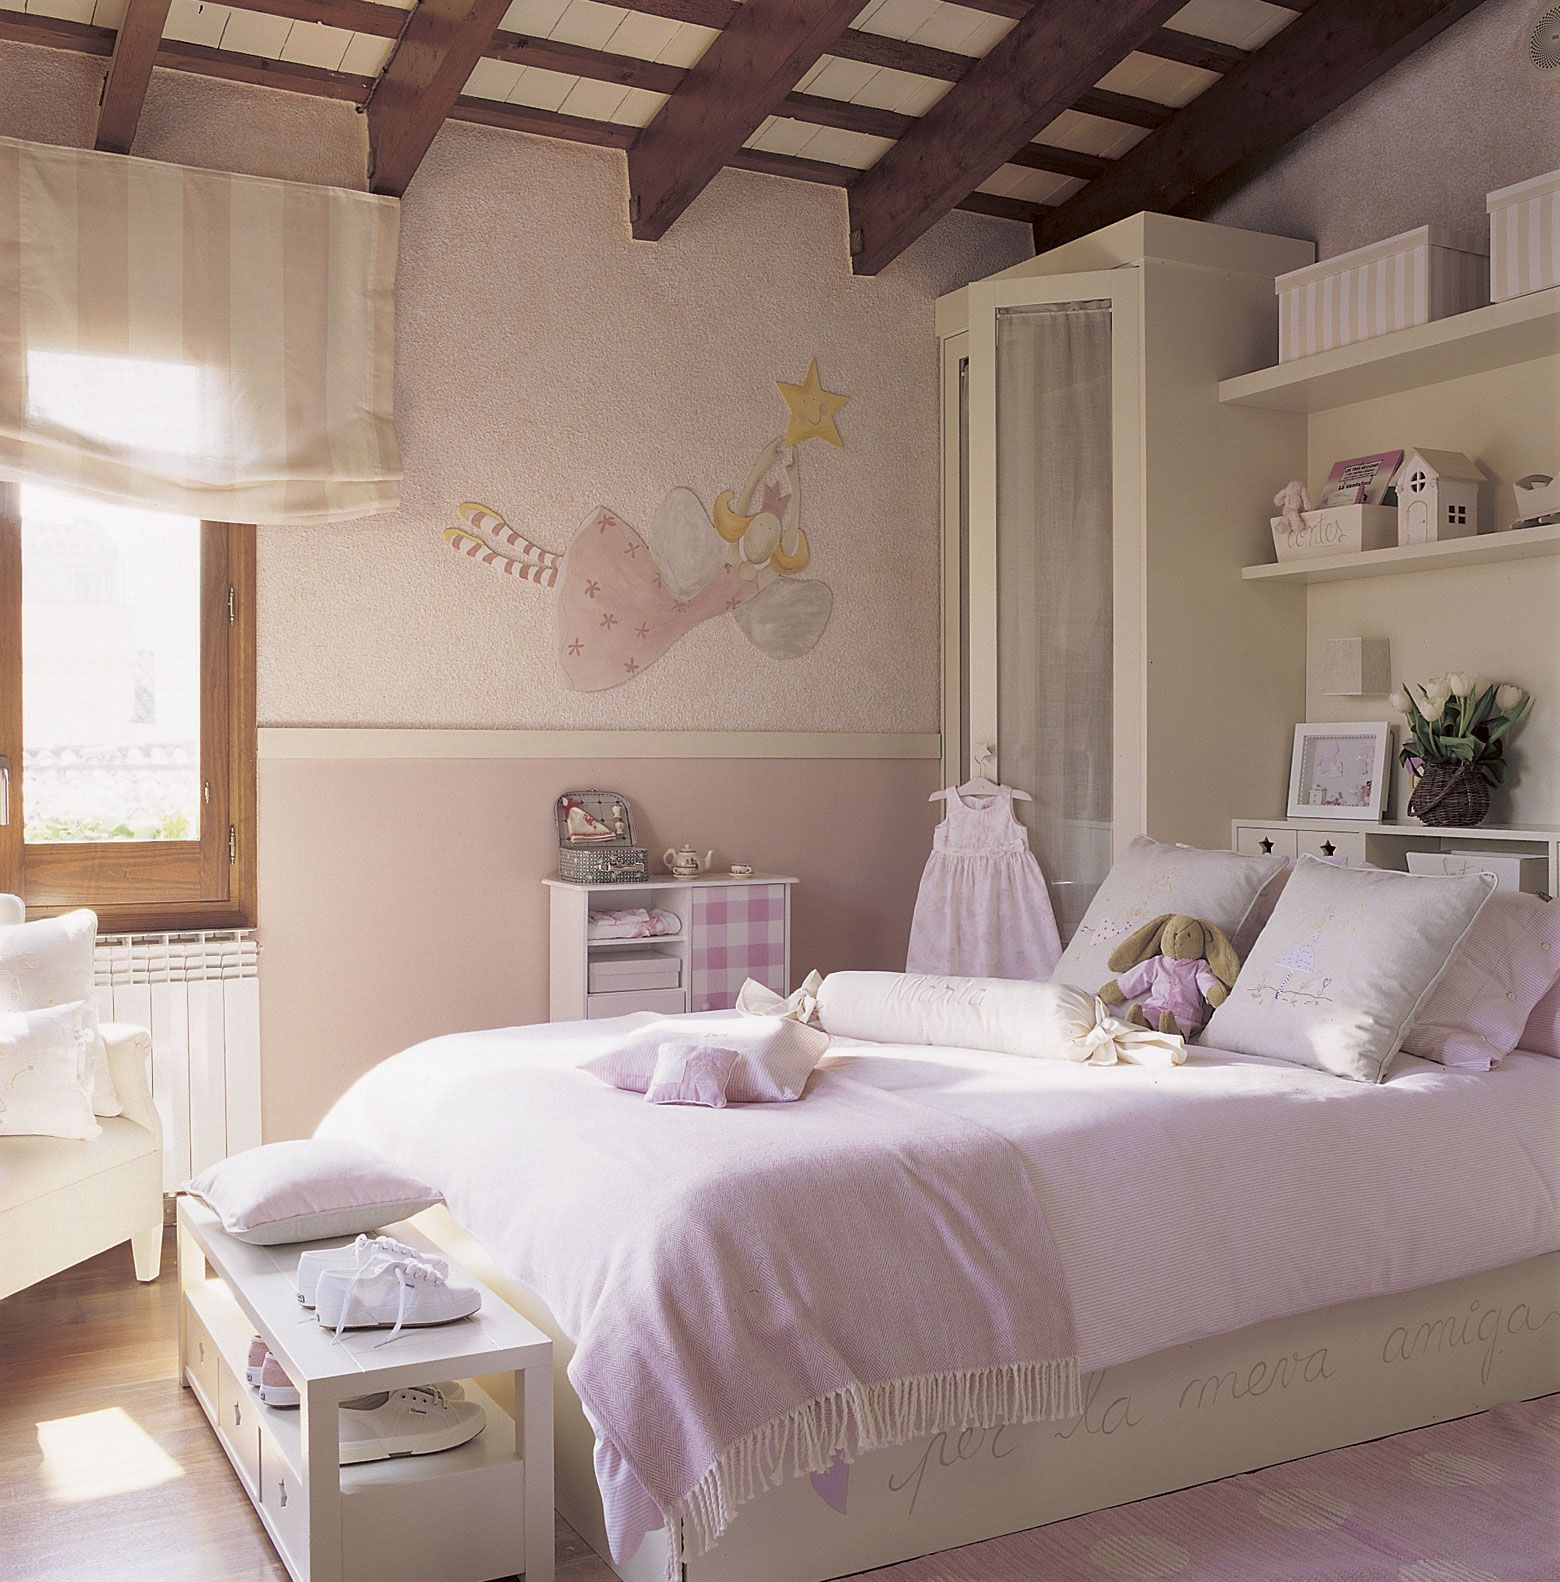 Dormitorio lila y blanco con vigas de madera y dibujos decorativos_00140569